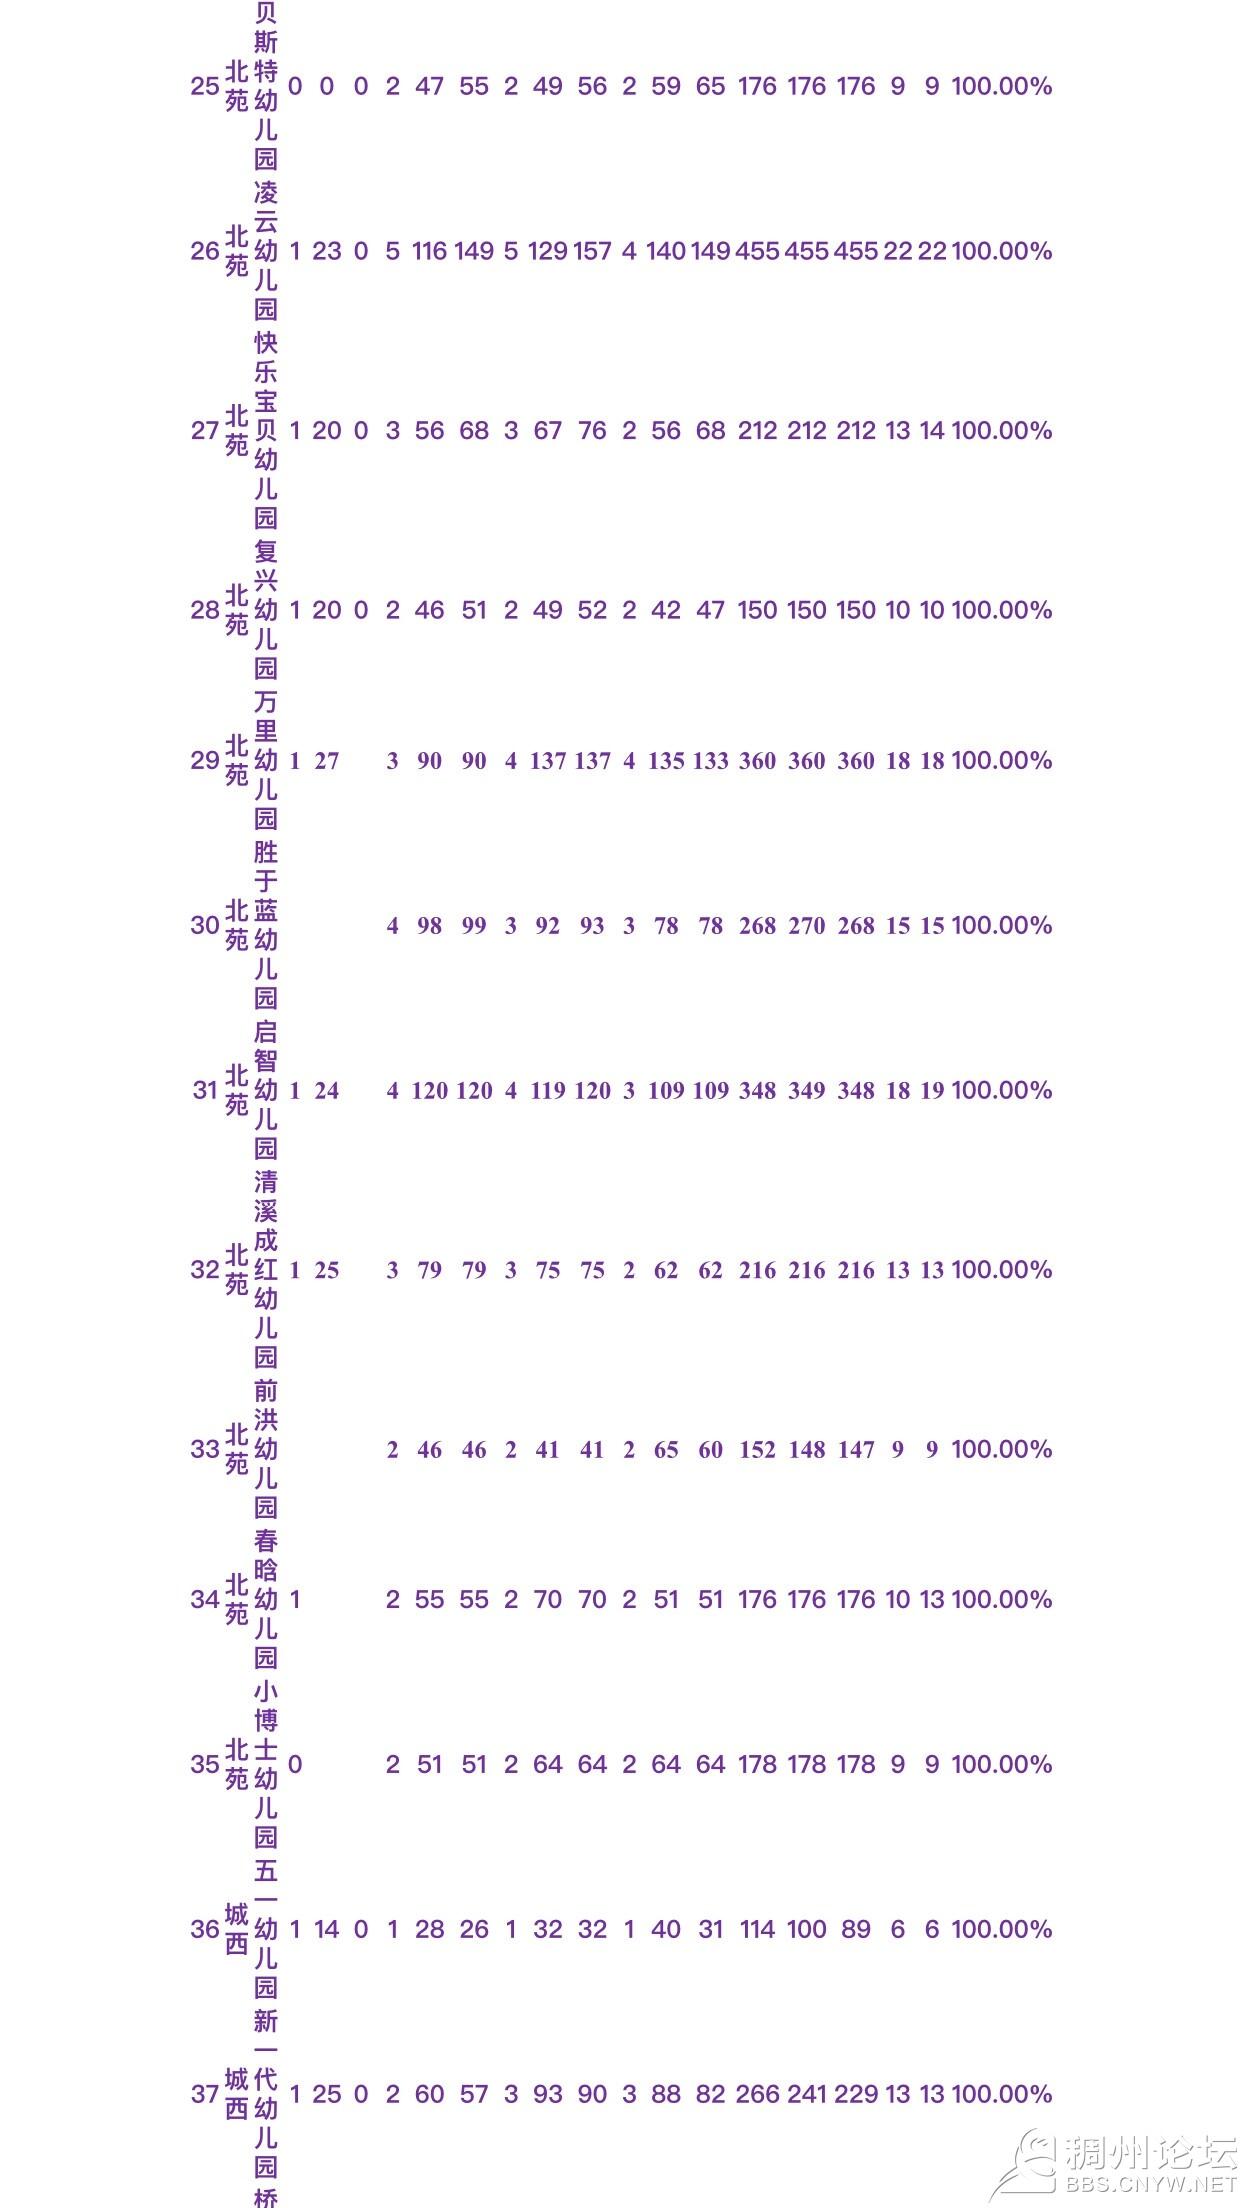 6ab6d6cd805fe4f783d11b39b92cd1ab.jpg